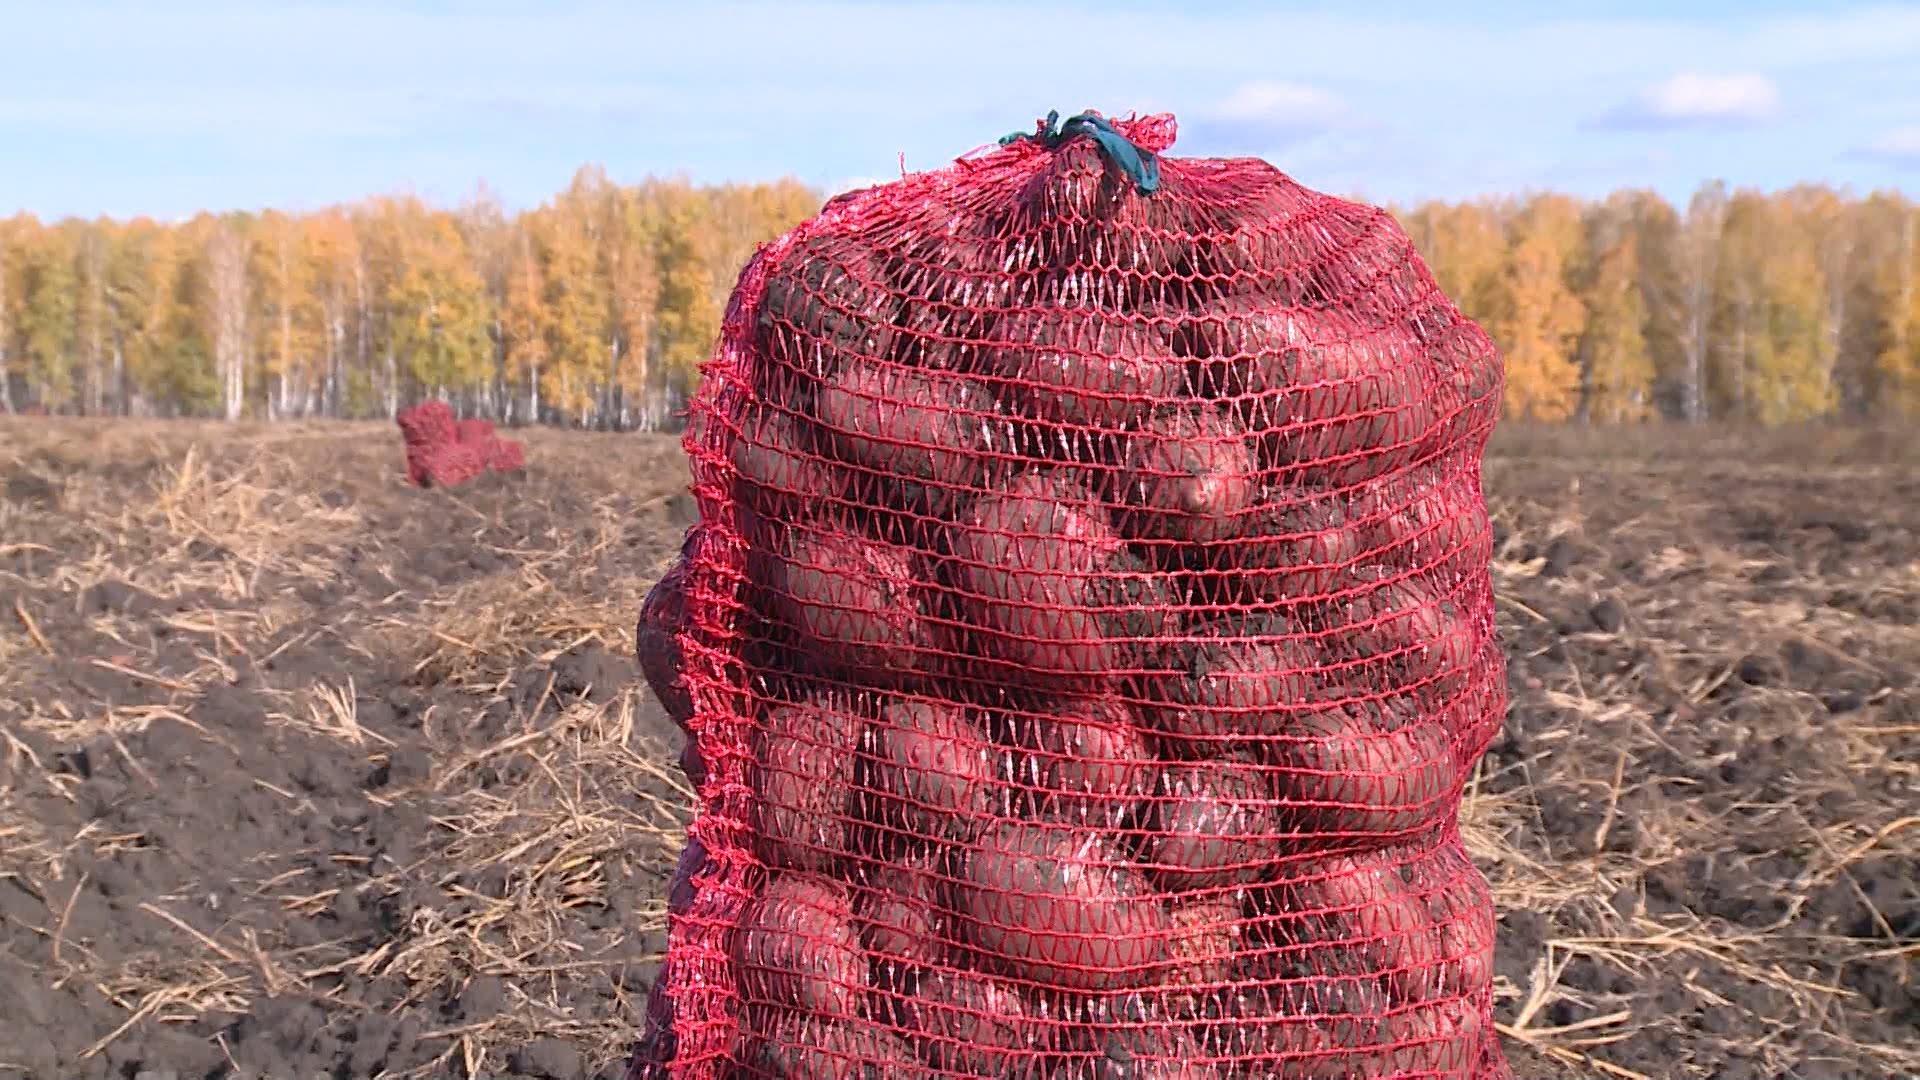 При интенсивном типе выращивания картофеля Манифест нужно своевременно и правильно вносить удобрения для получения высокого урожая